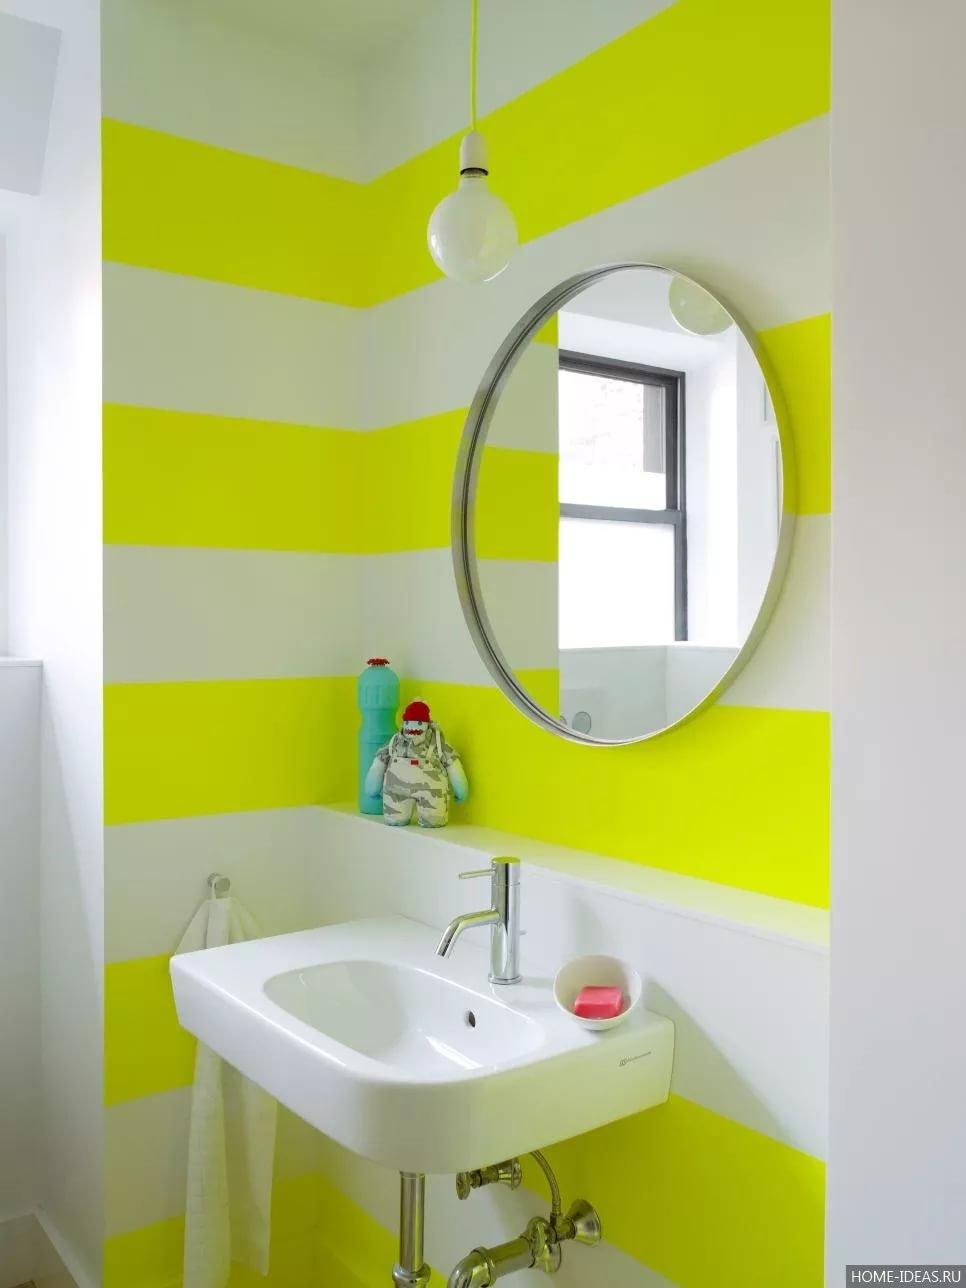 Крашенная ванная - оформляем с умом (77 фото идей дизайна) 860